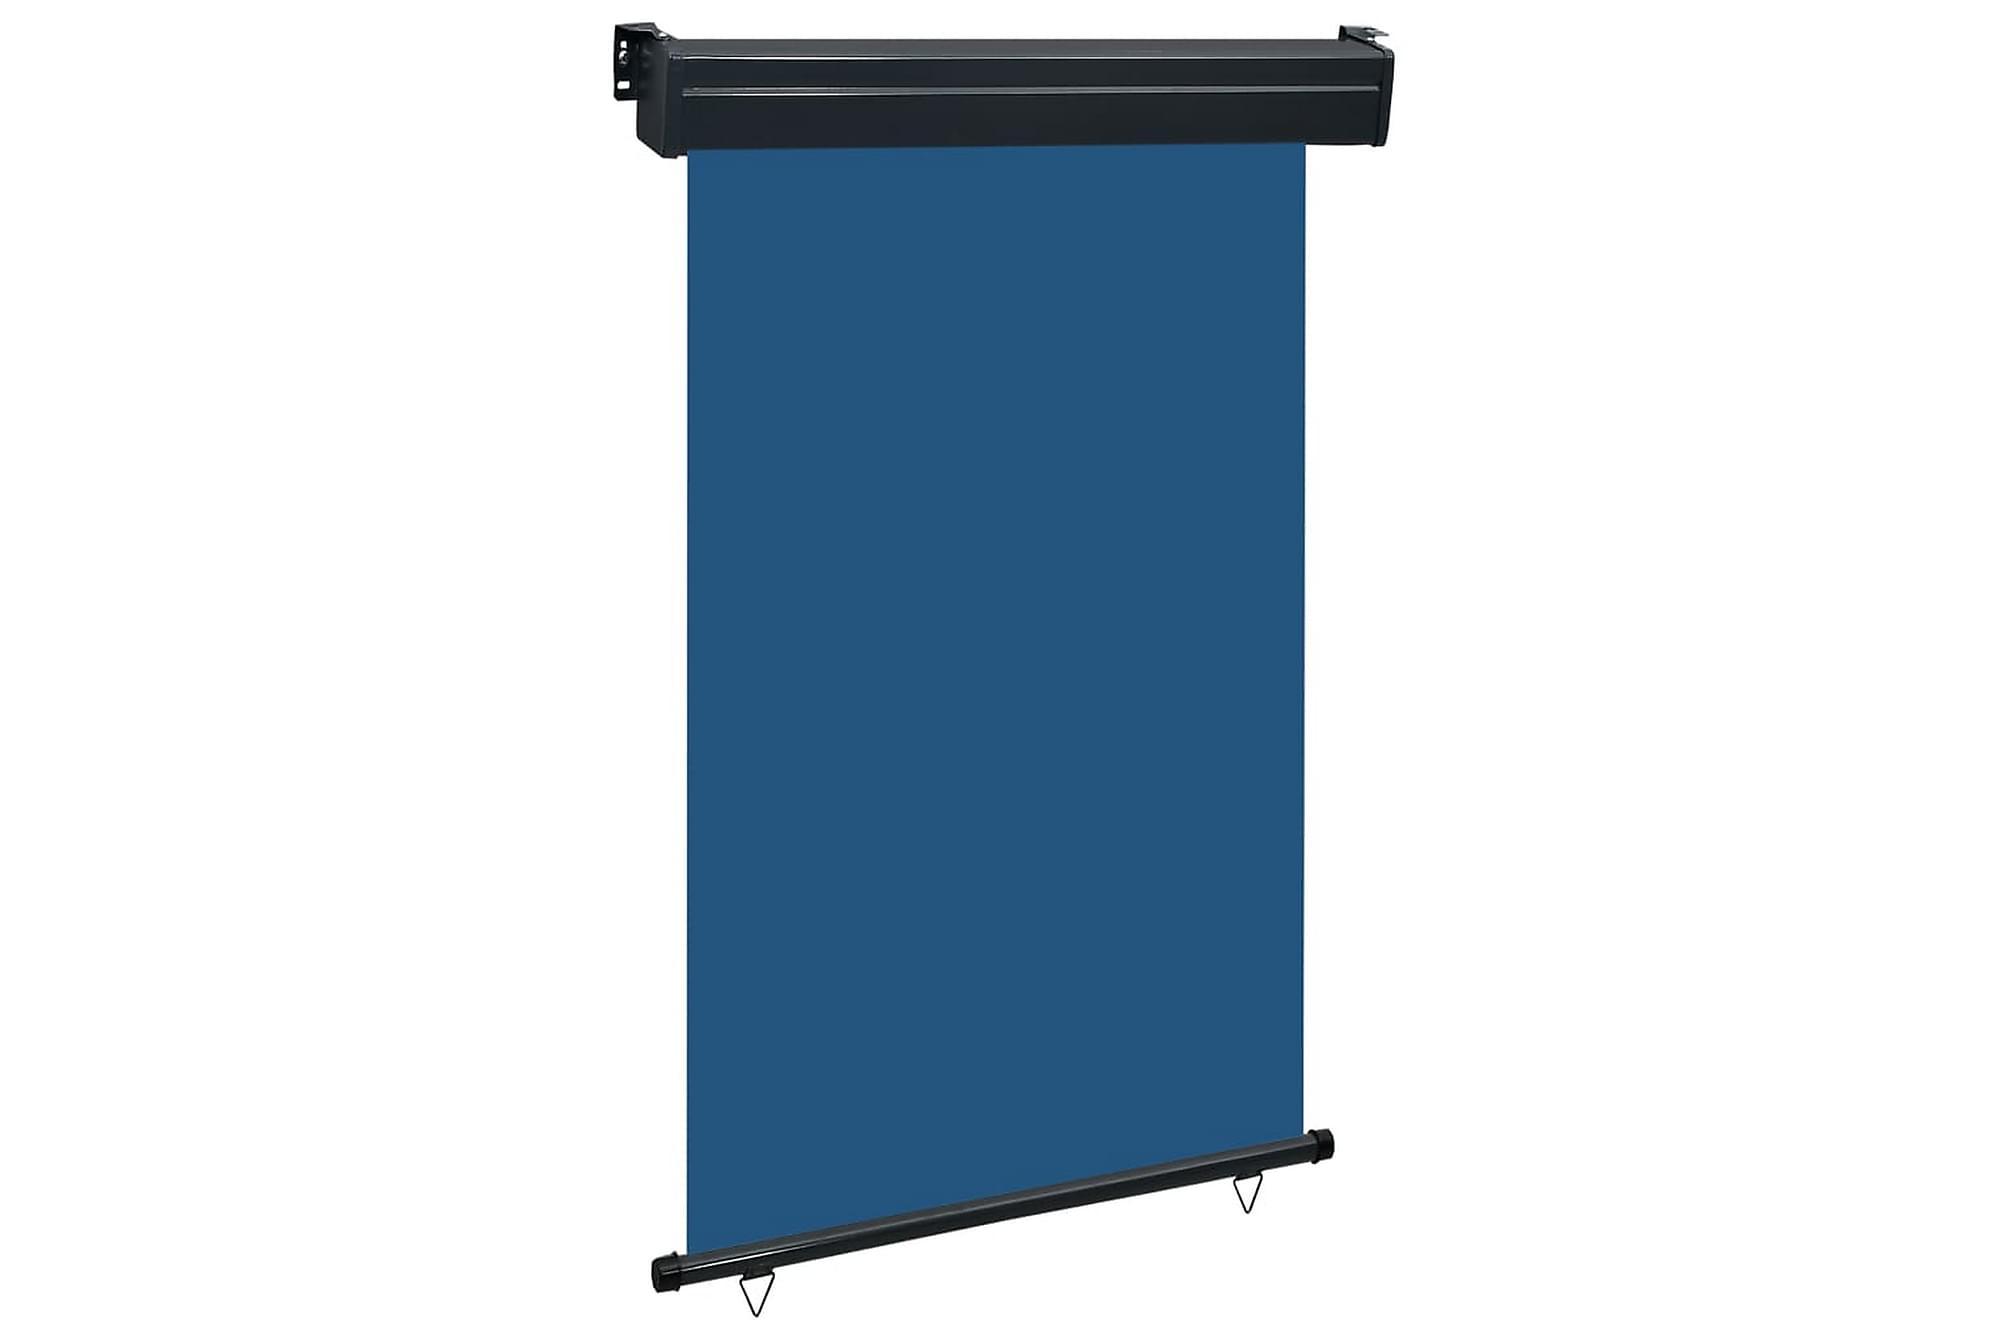 Balkongmarkis 120x250 cm blå, Markiser